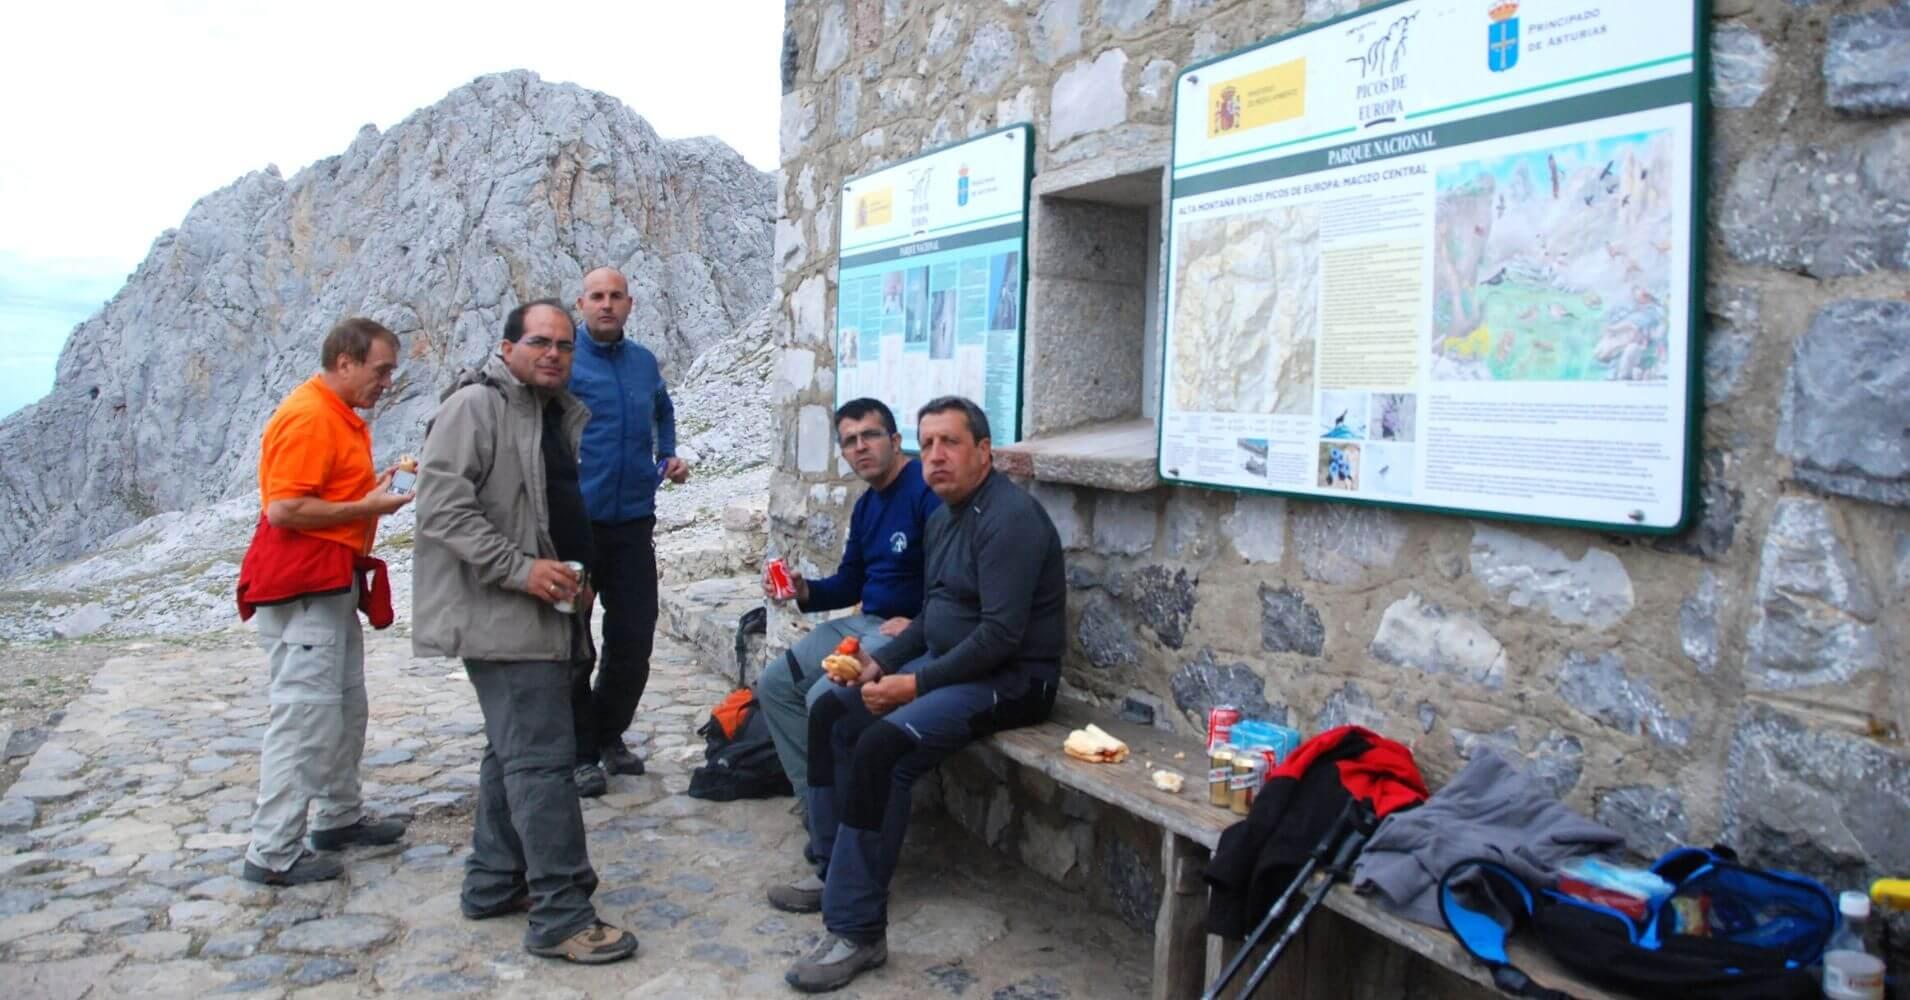 Refugio de Urriellu o Naranjo de Bulnes, Asturias.